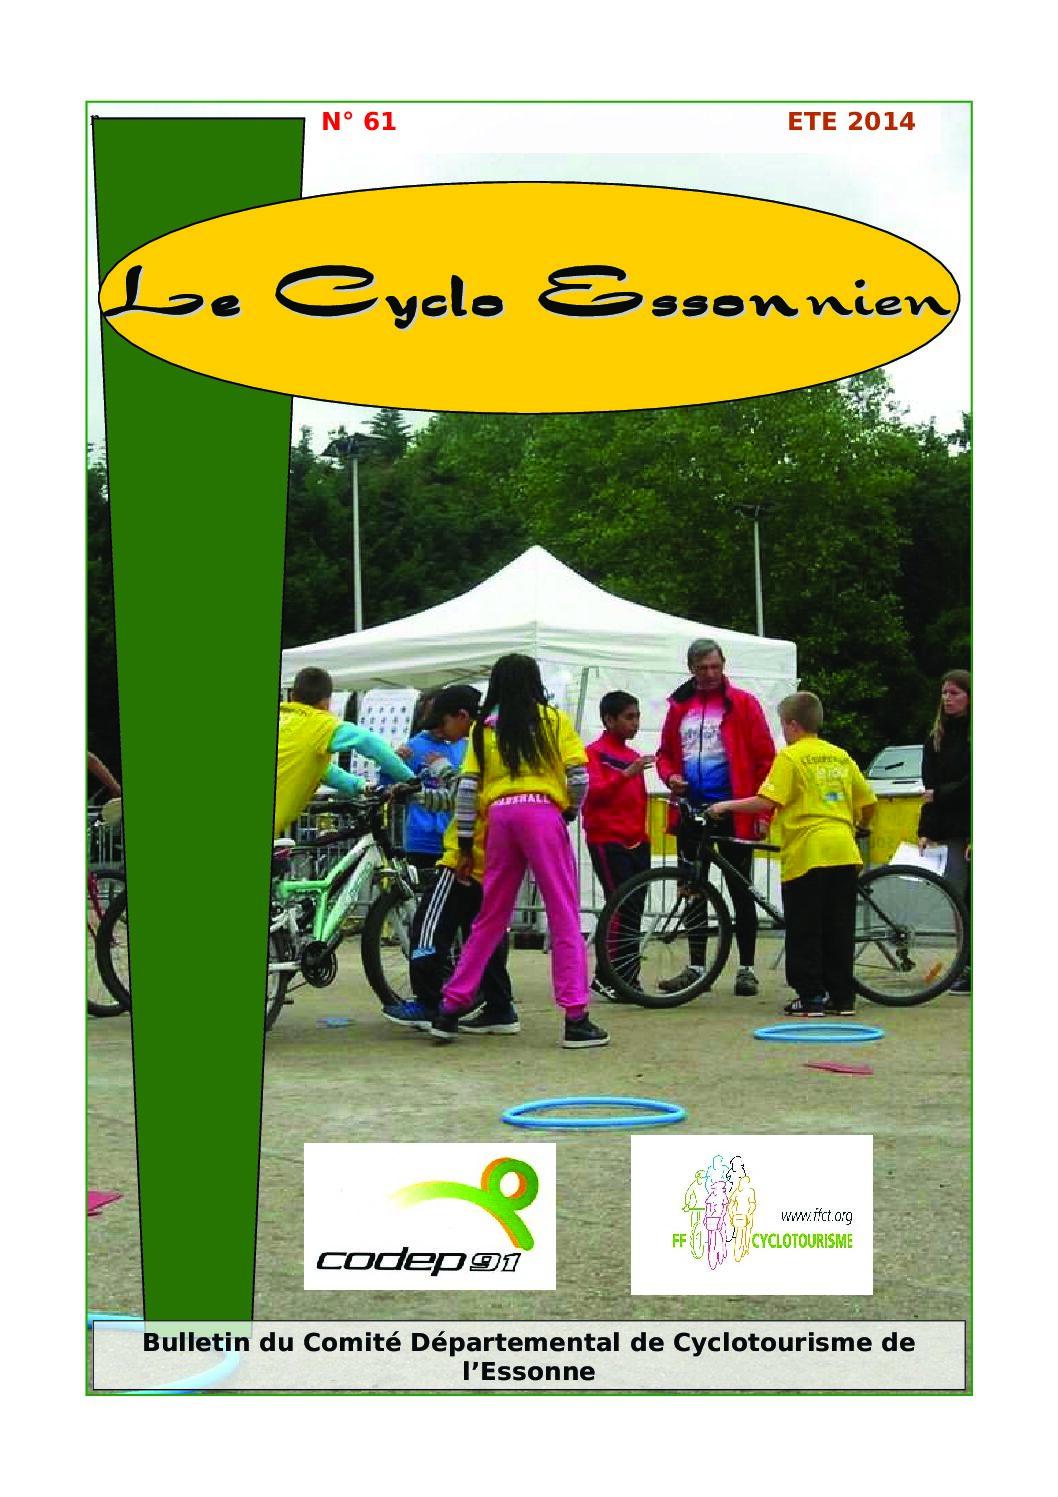 Le Cyclo Essonnien n°61